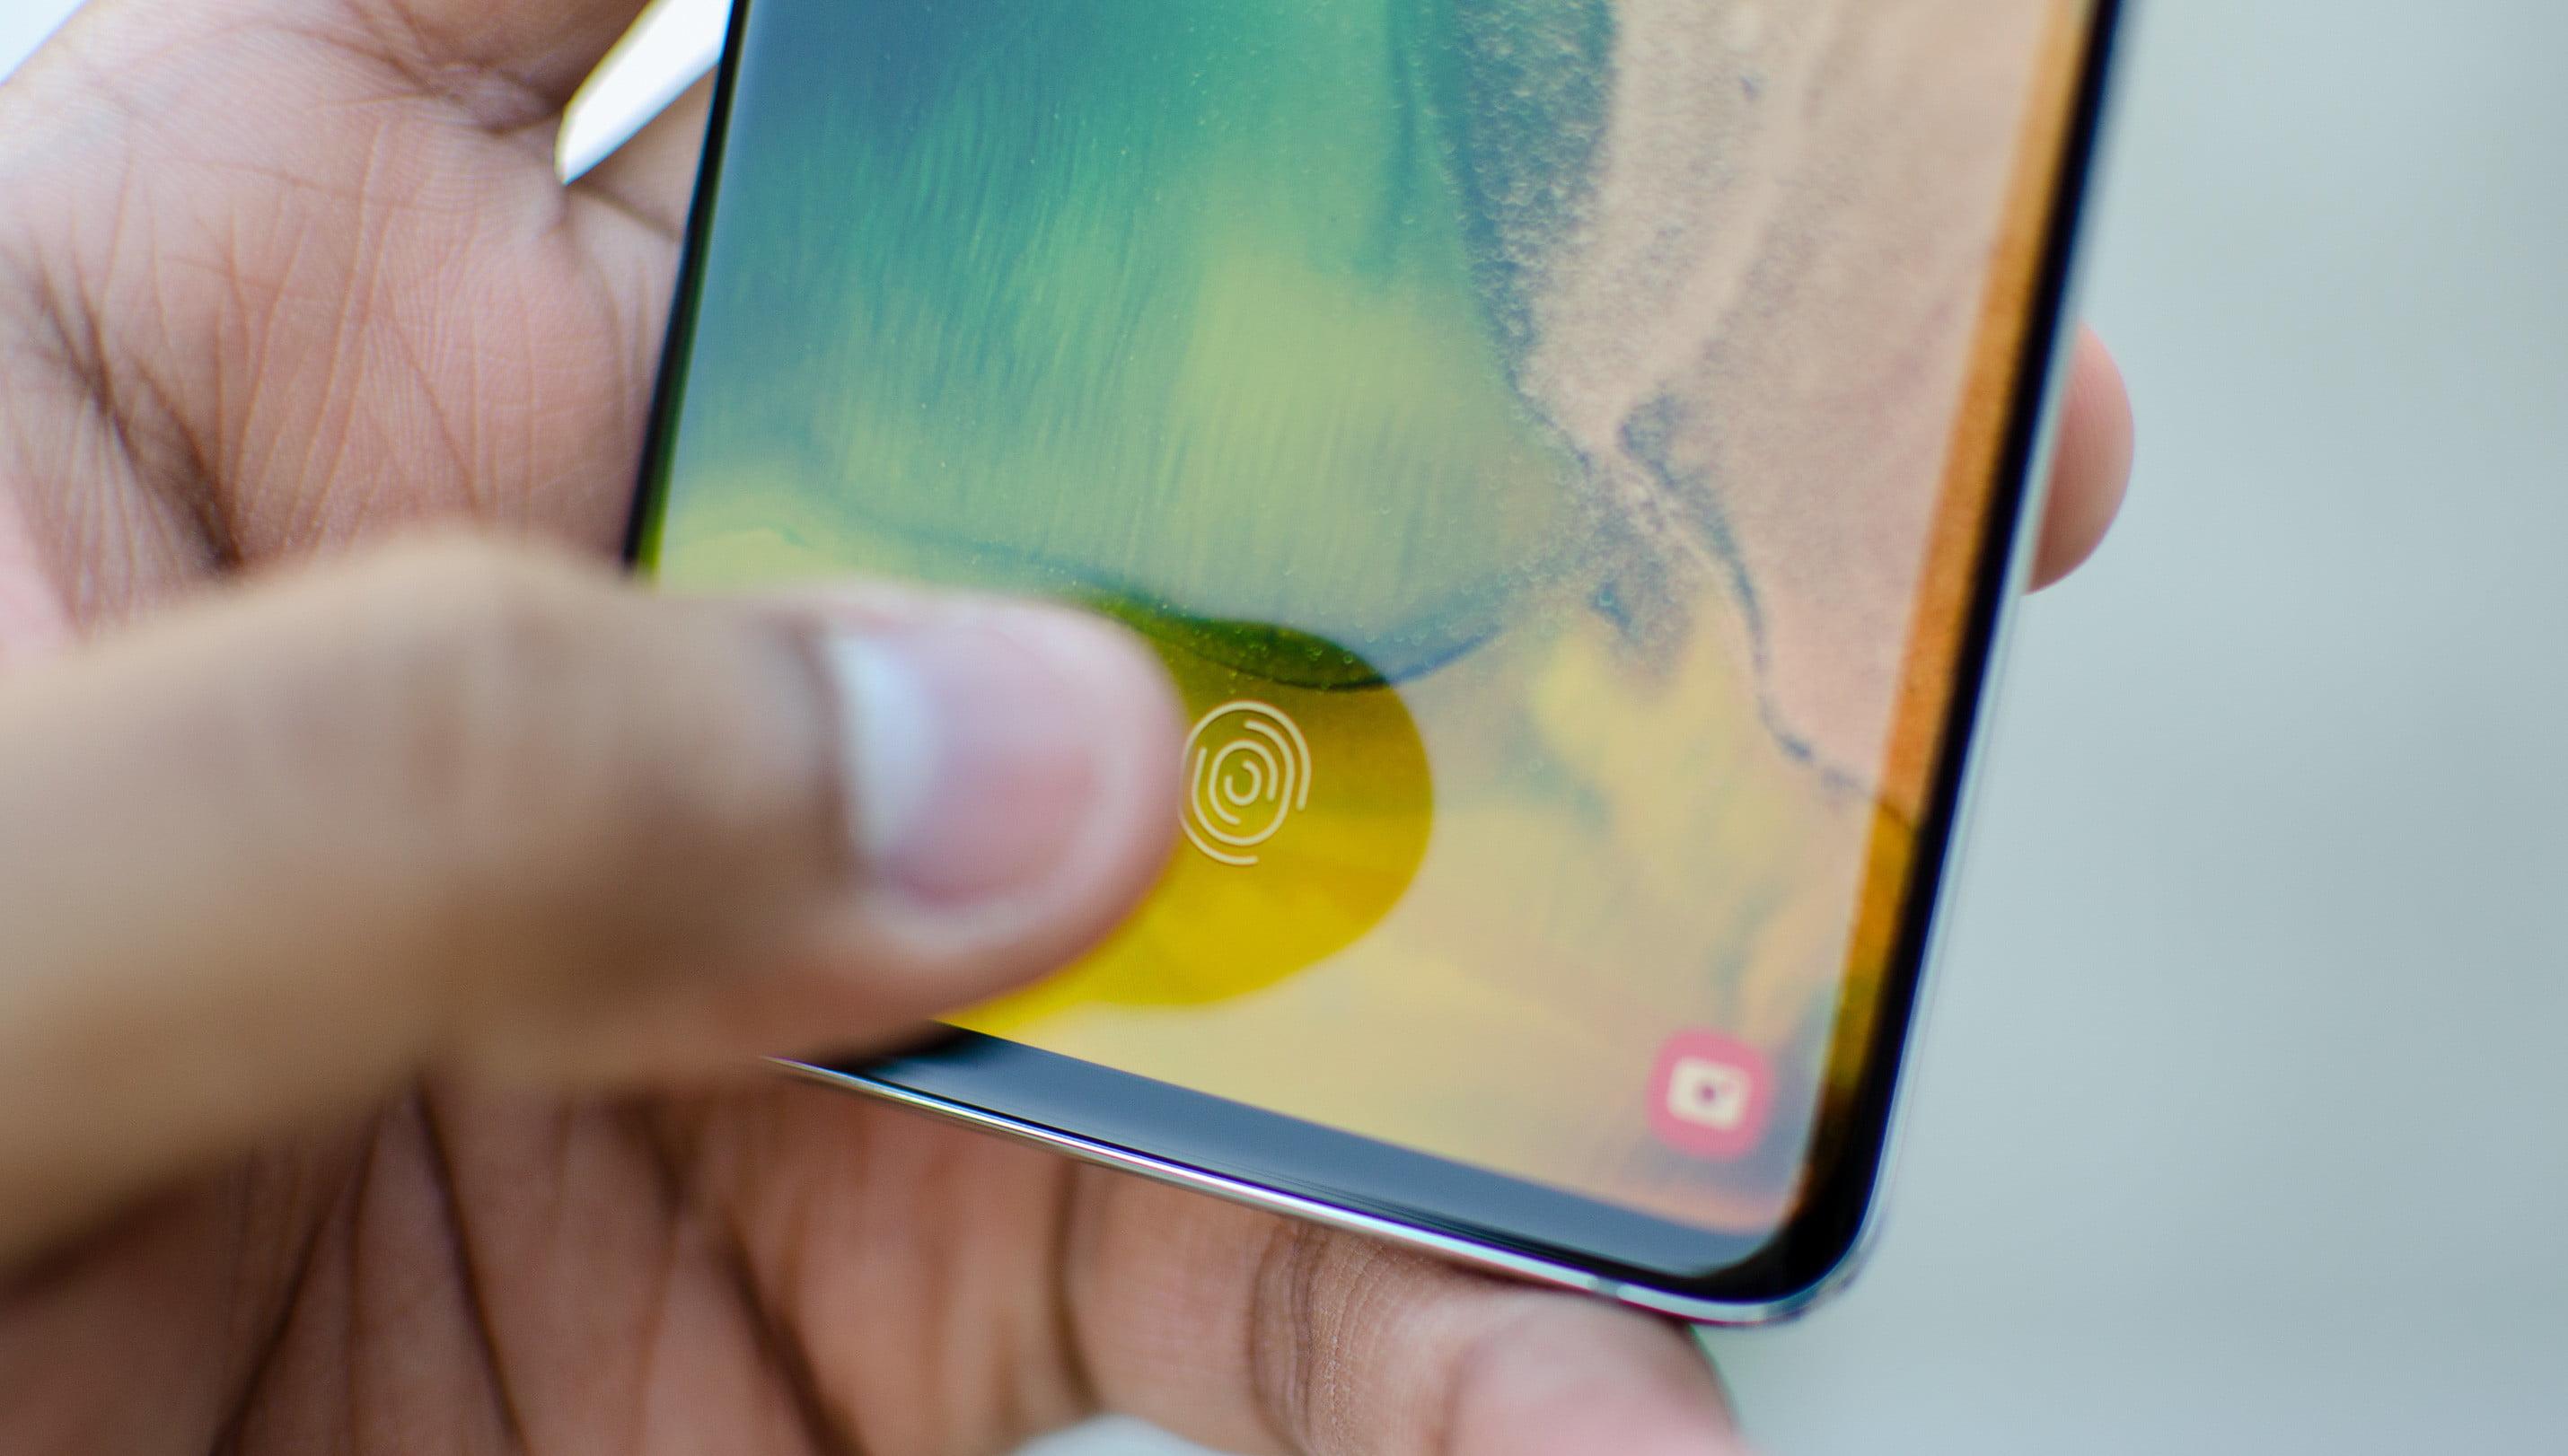 Sensor de impressão digital do Galaxy S10